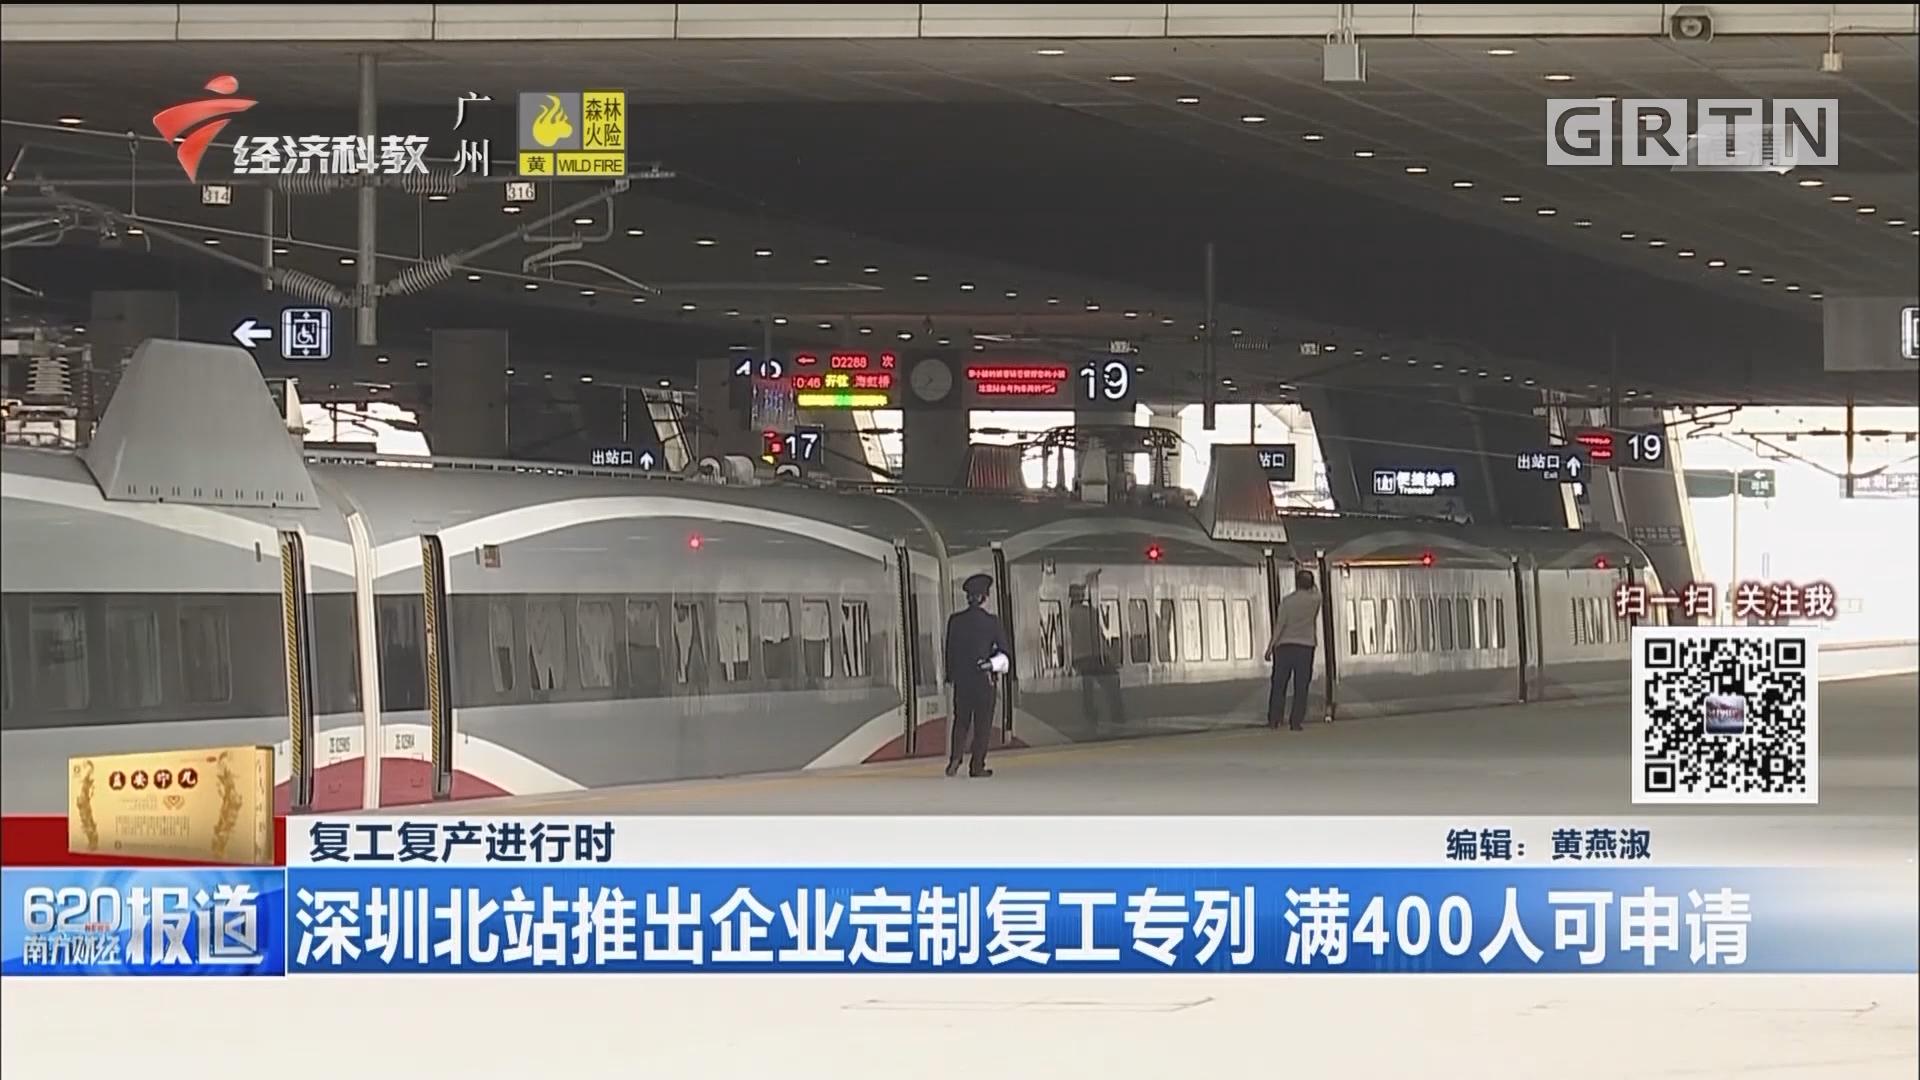 復工復產進行時:深圳北站推出企業定制復工專列 滿400人可申請